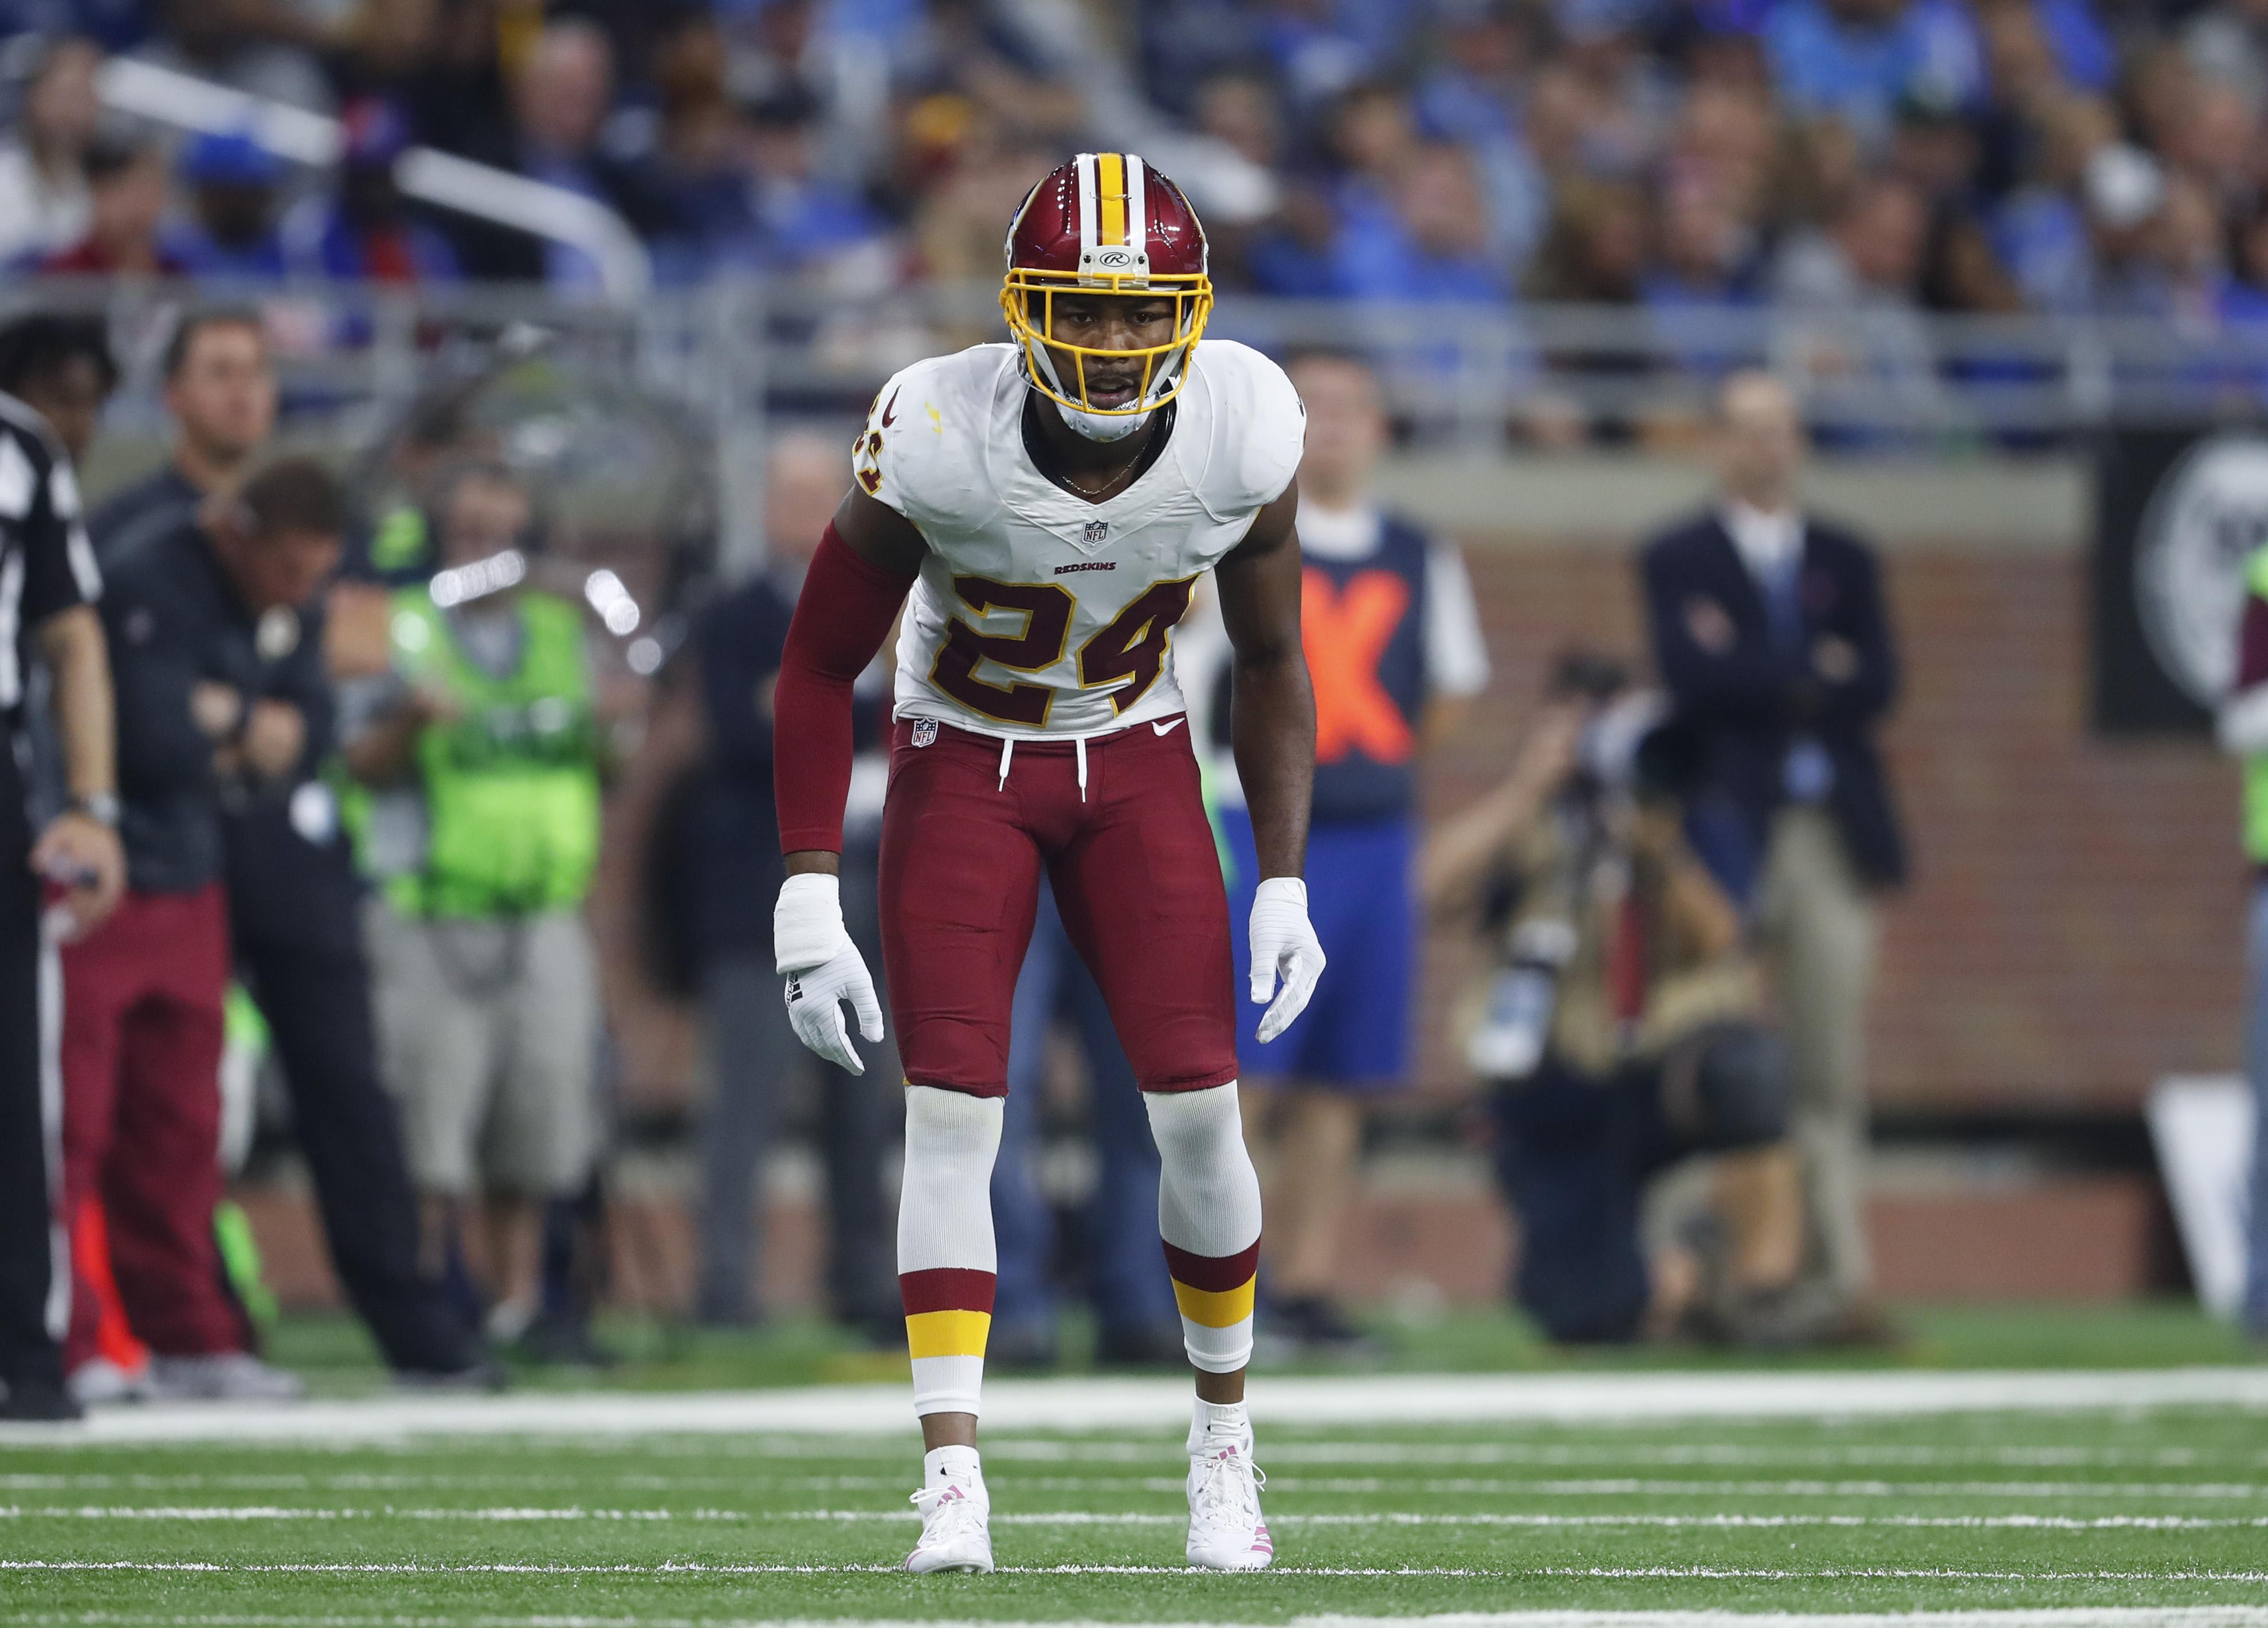 Josh Norman concussion protocol could sideline cornerback